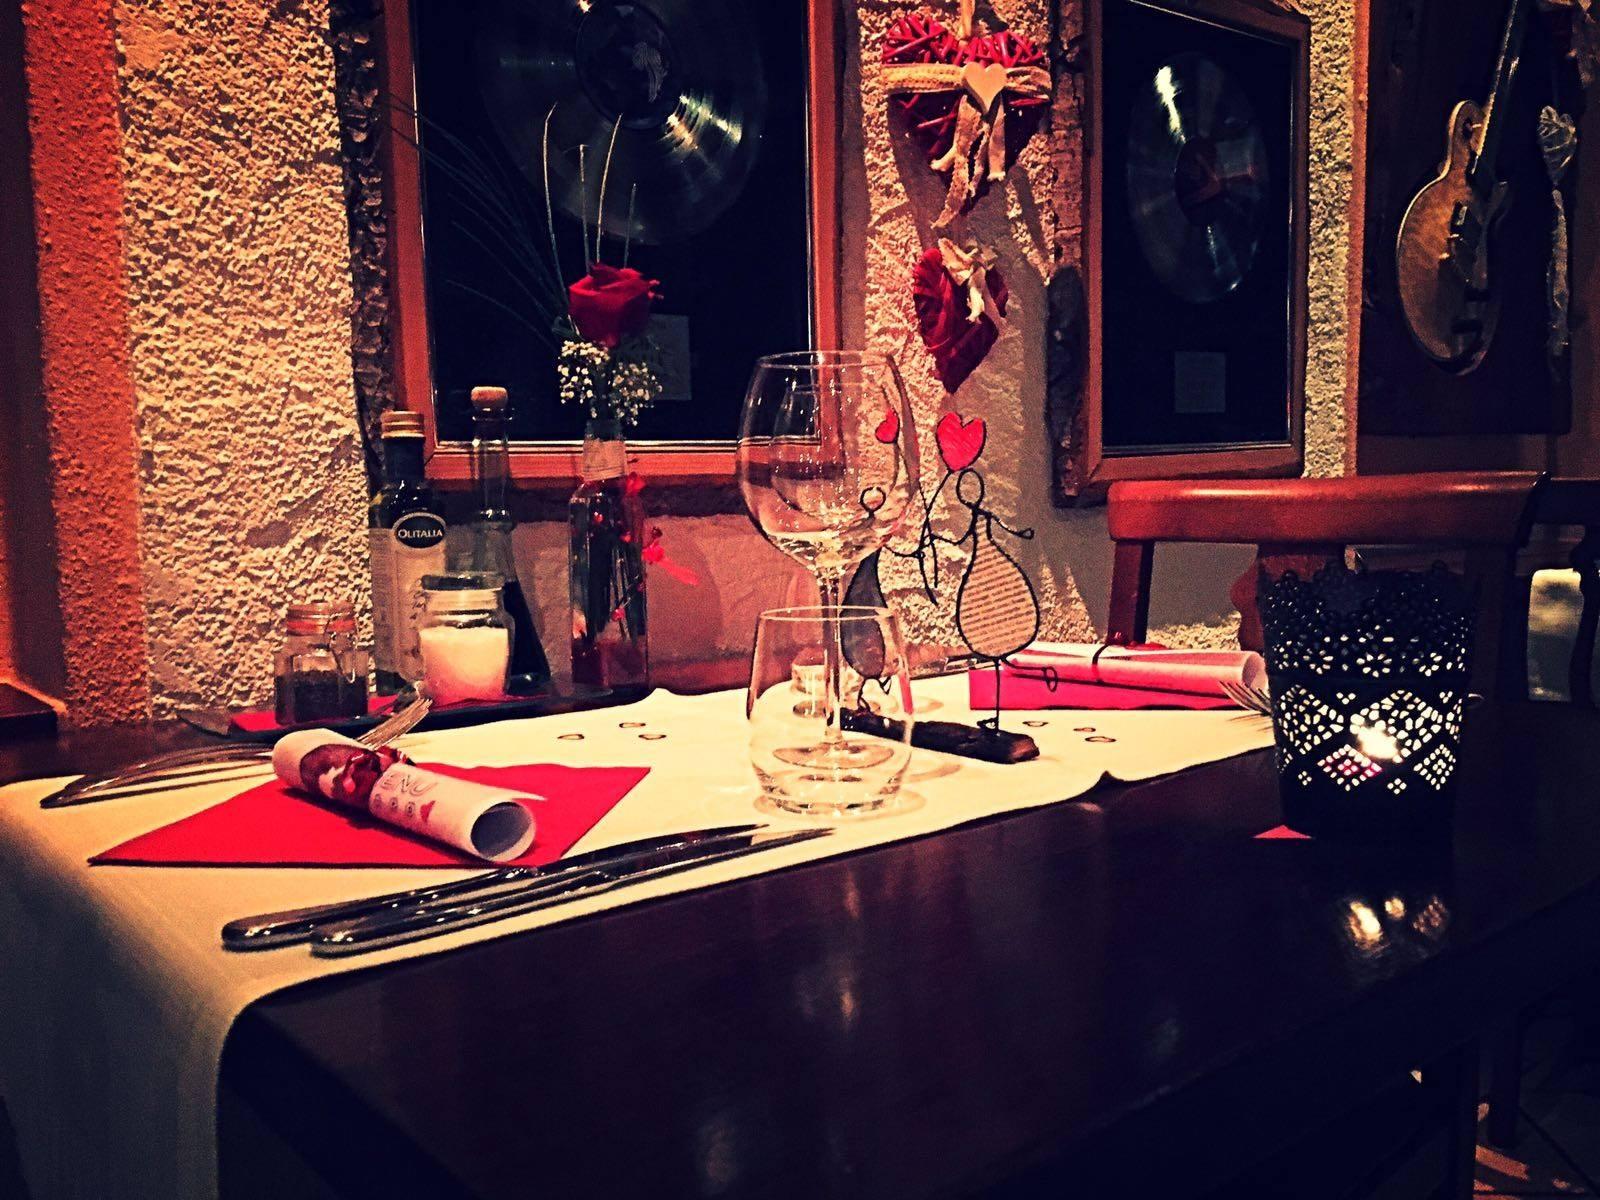 3mara3 san valentino decorazioni - San valentino decorazioni ...